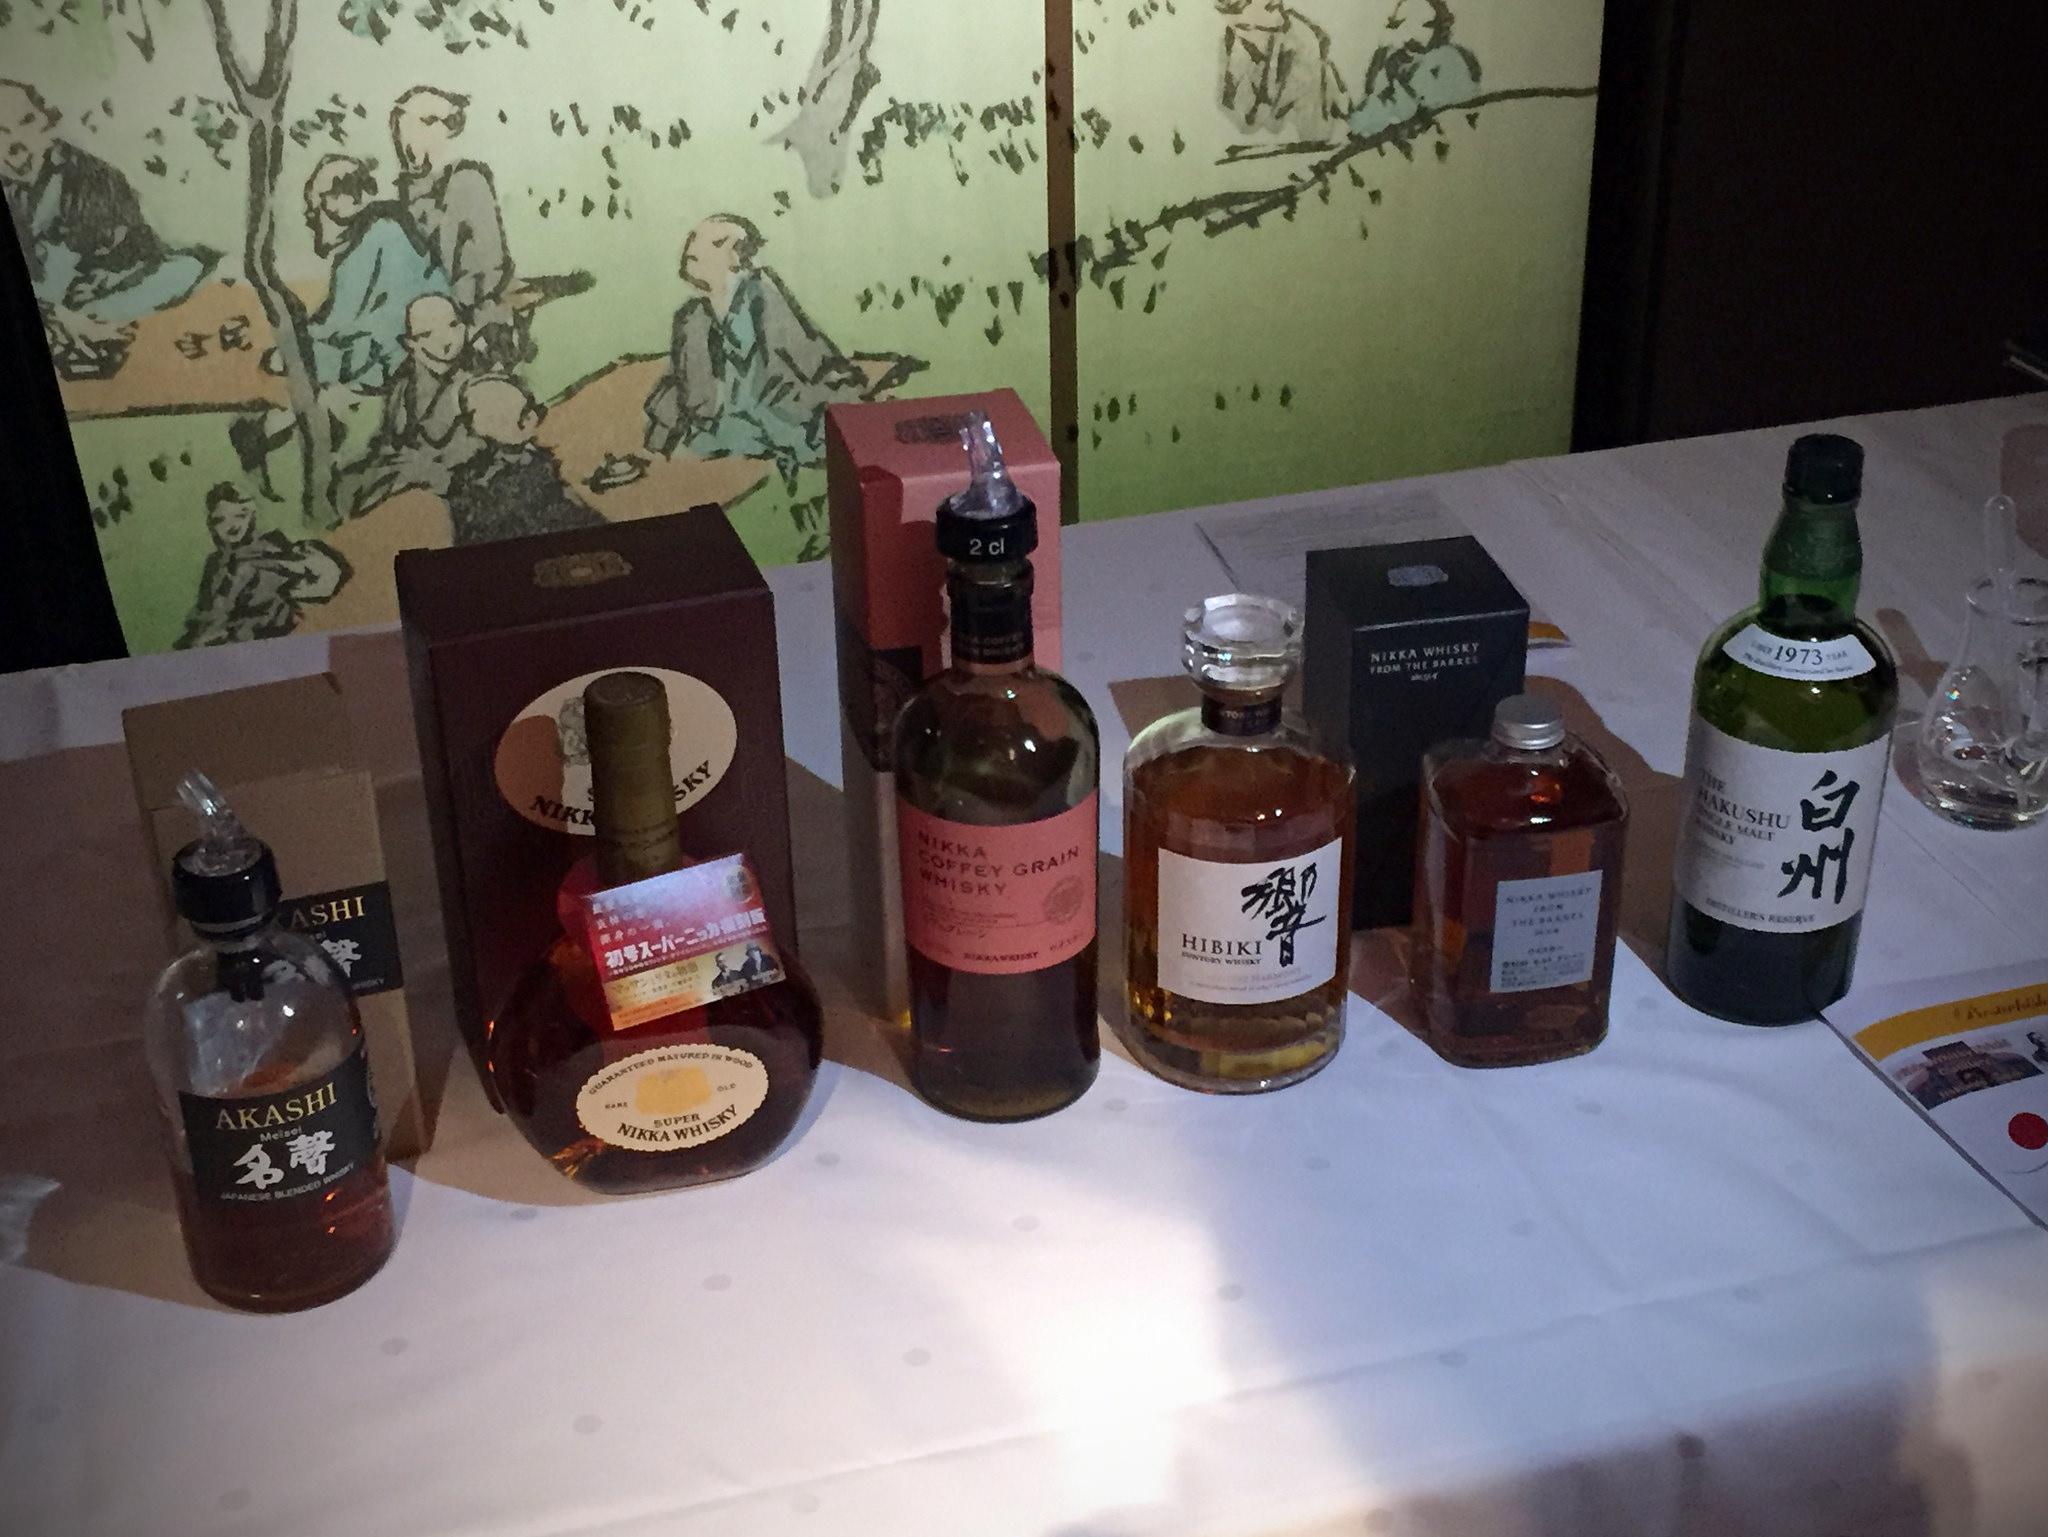 Sechs sehr unterschiedliche japanische Whiskys standen bei dieser Verkostung auf dem Programm